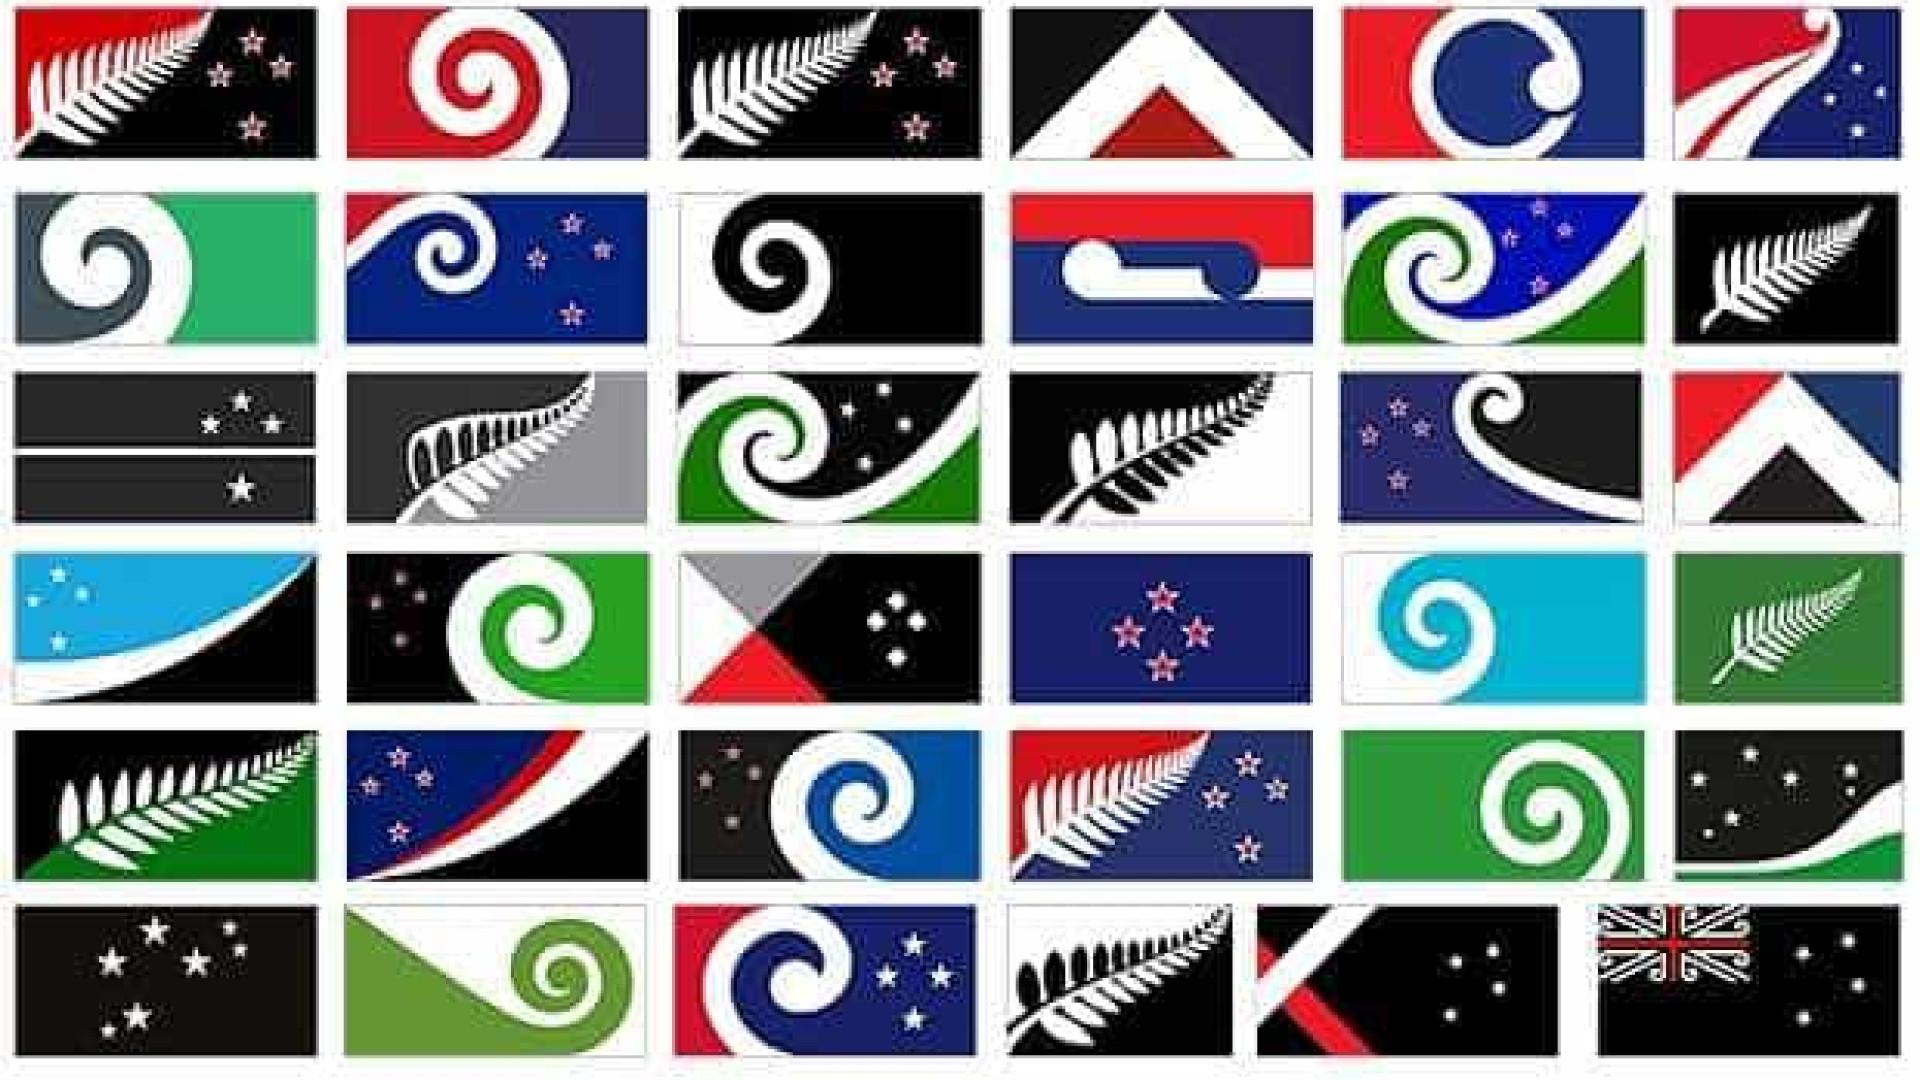 Nova bandeira na Nova Zelândia? Já há mais de 10 mil sugestões